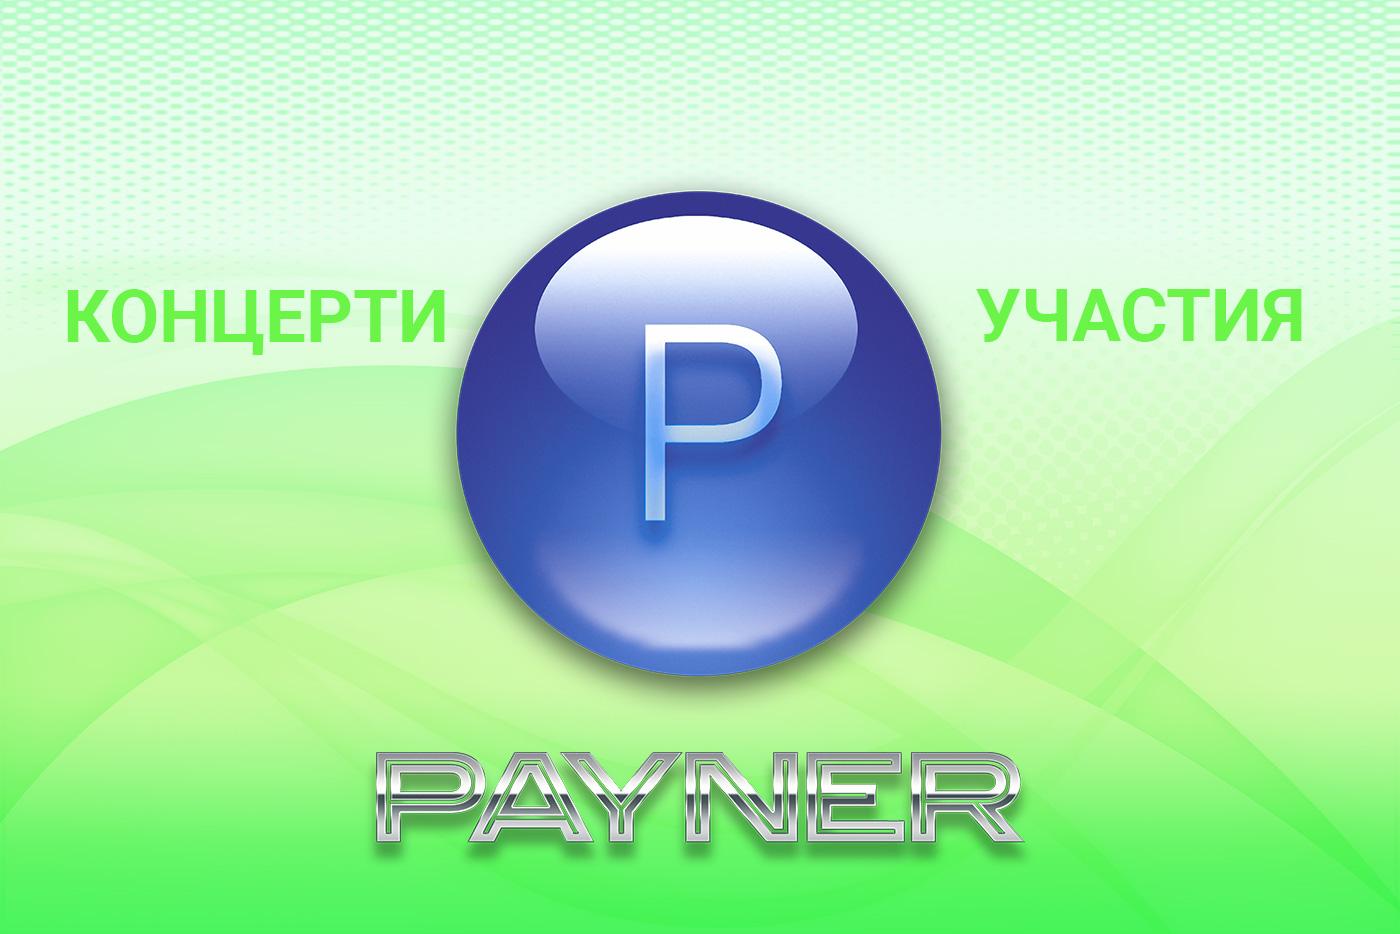 """Участия на звездите на """"Пайнер"""" на 10.10.2019"""